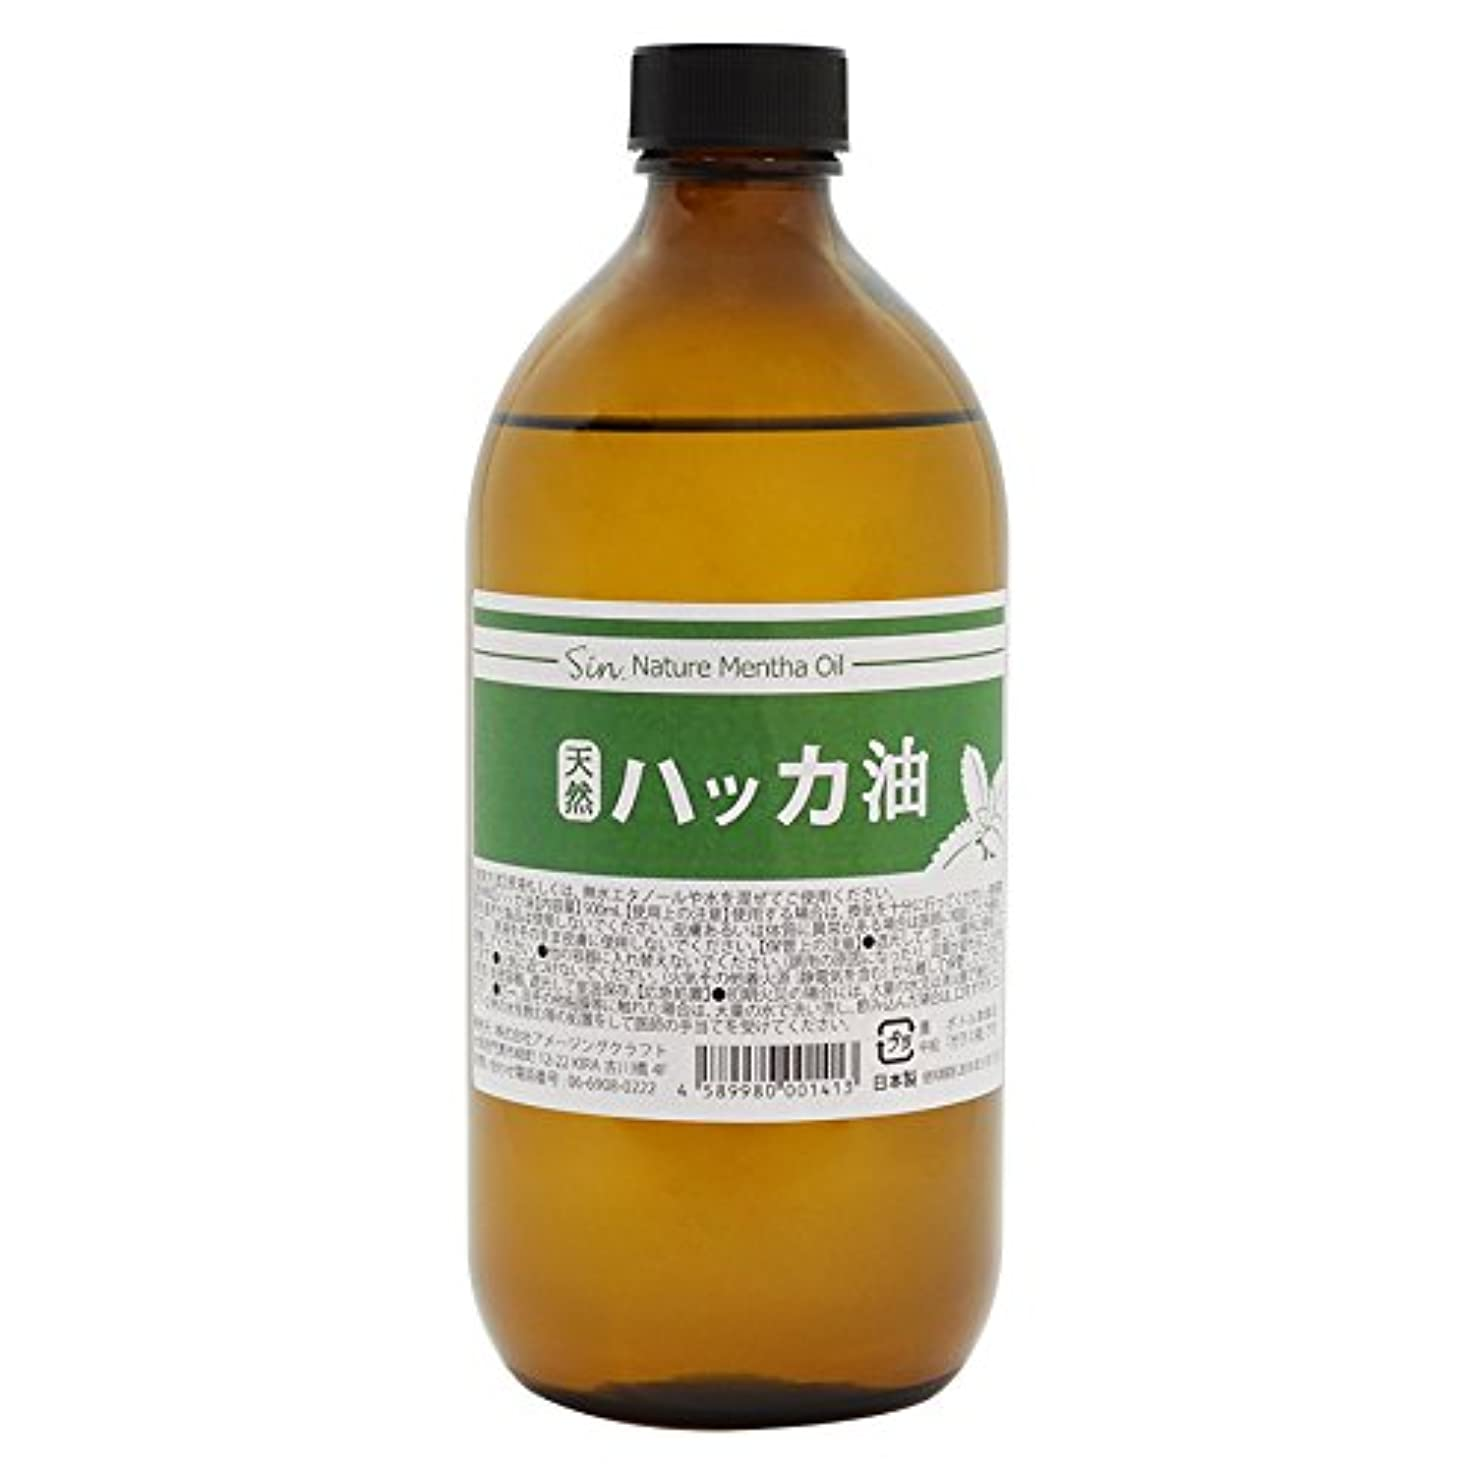 肉の道徳教育絵日本製 天然ハッカ油(ハッカオイル) お徳用500ml 中栓付き